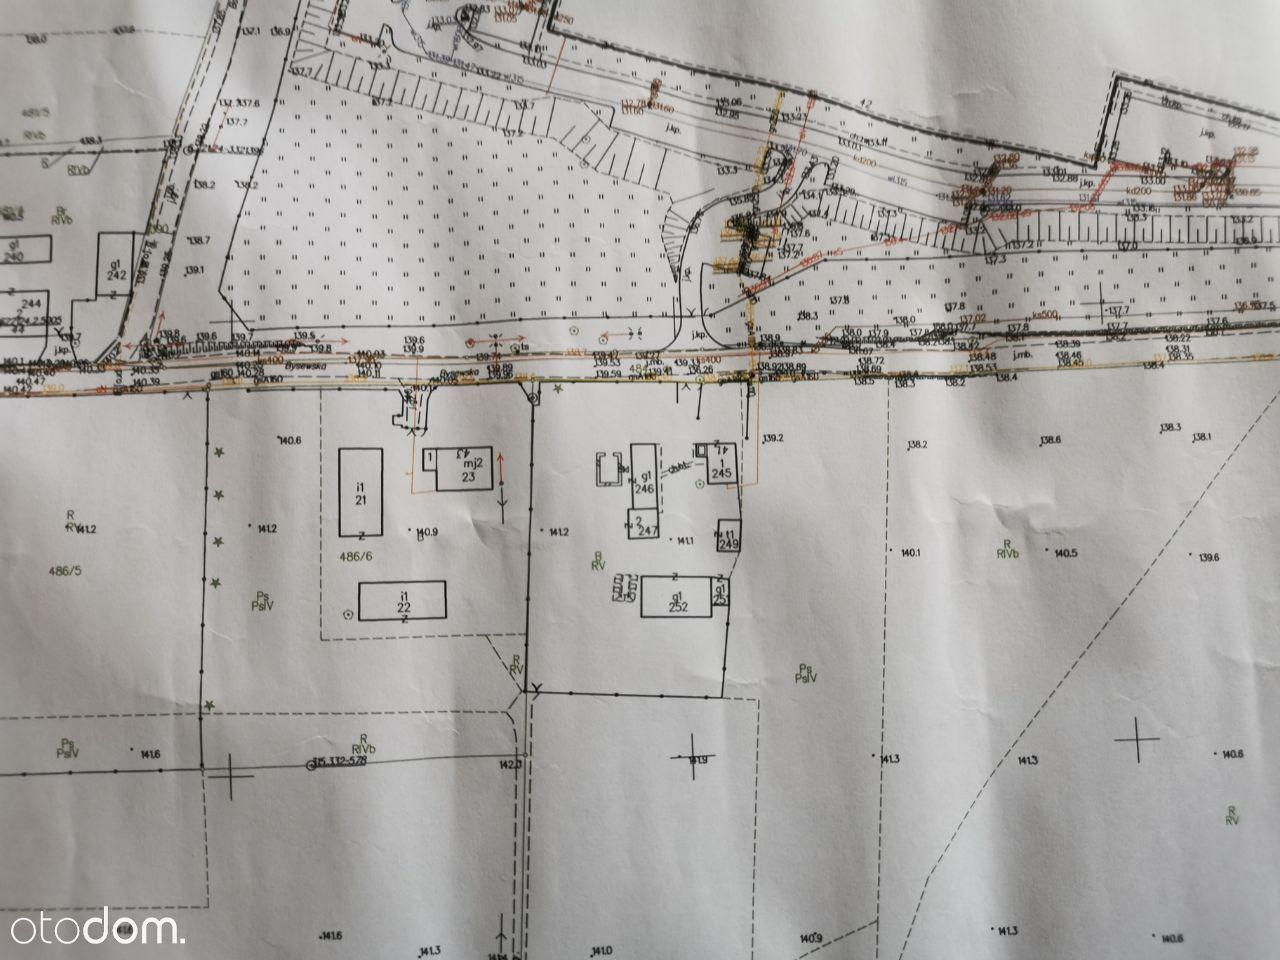 Działka budowlana - 5891 m2 w Gdańsku - Kokoszkach